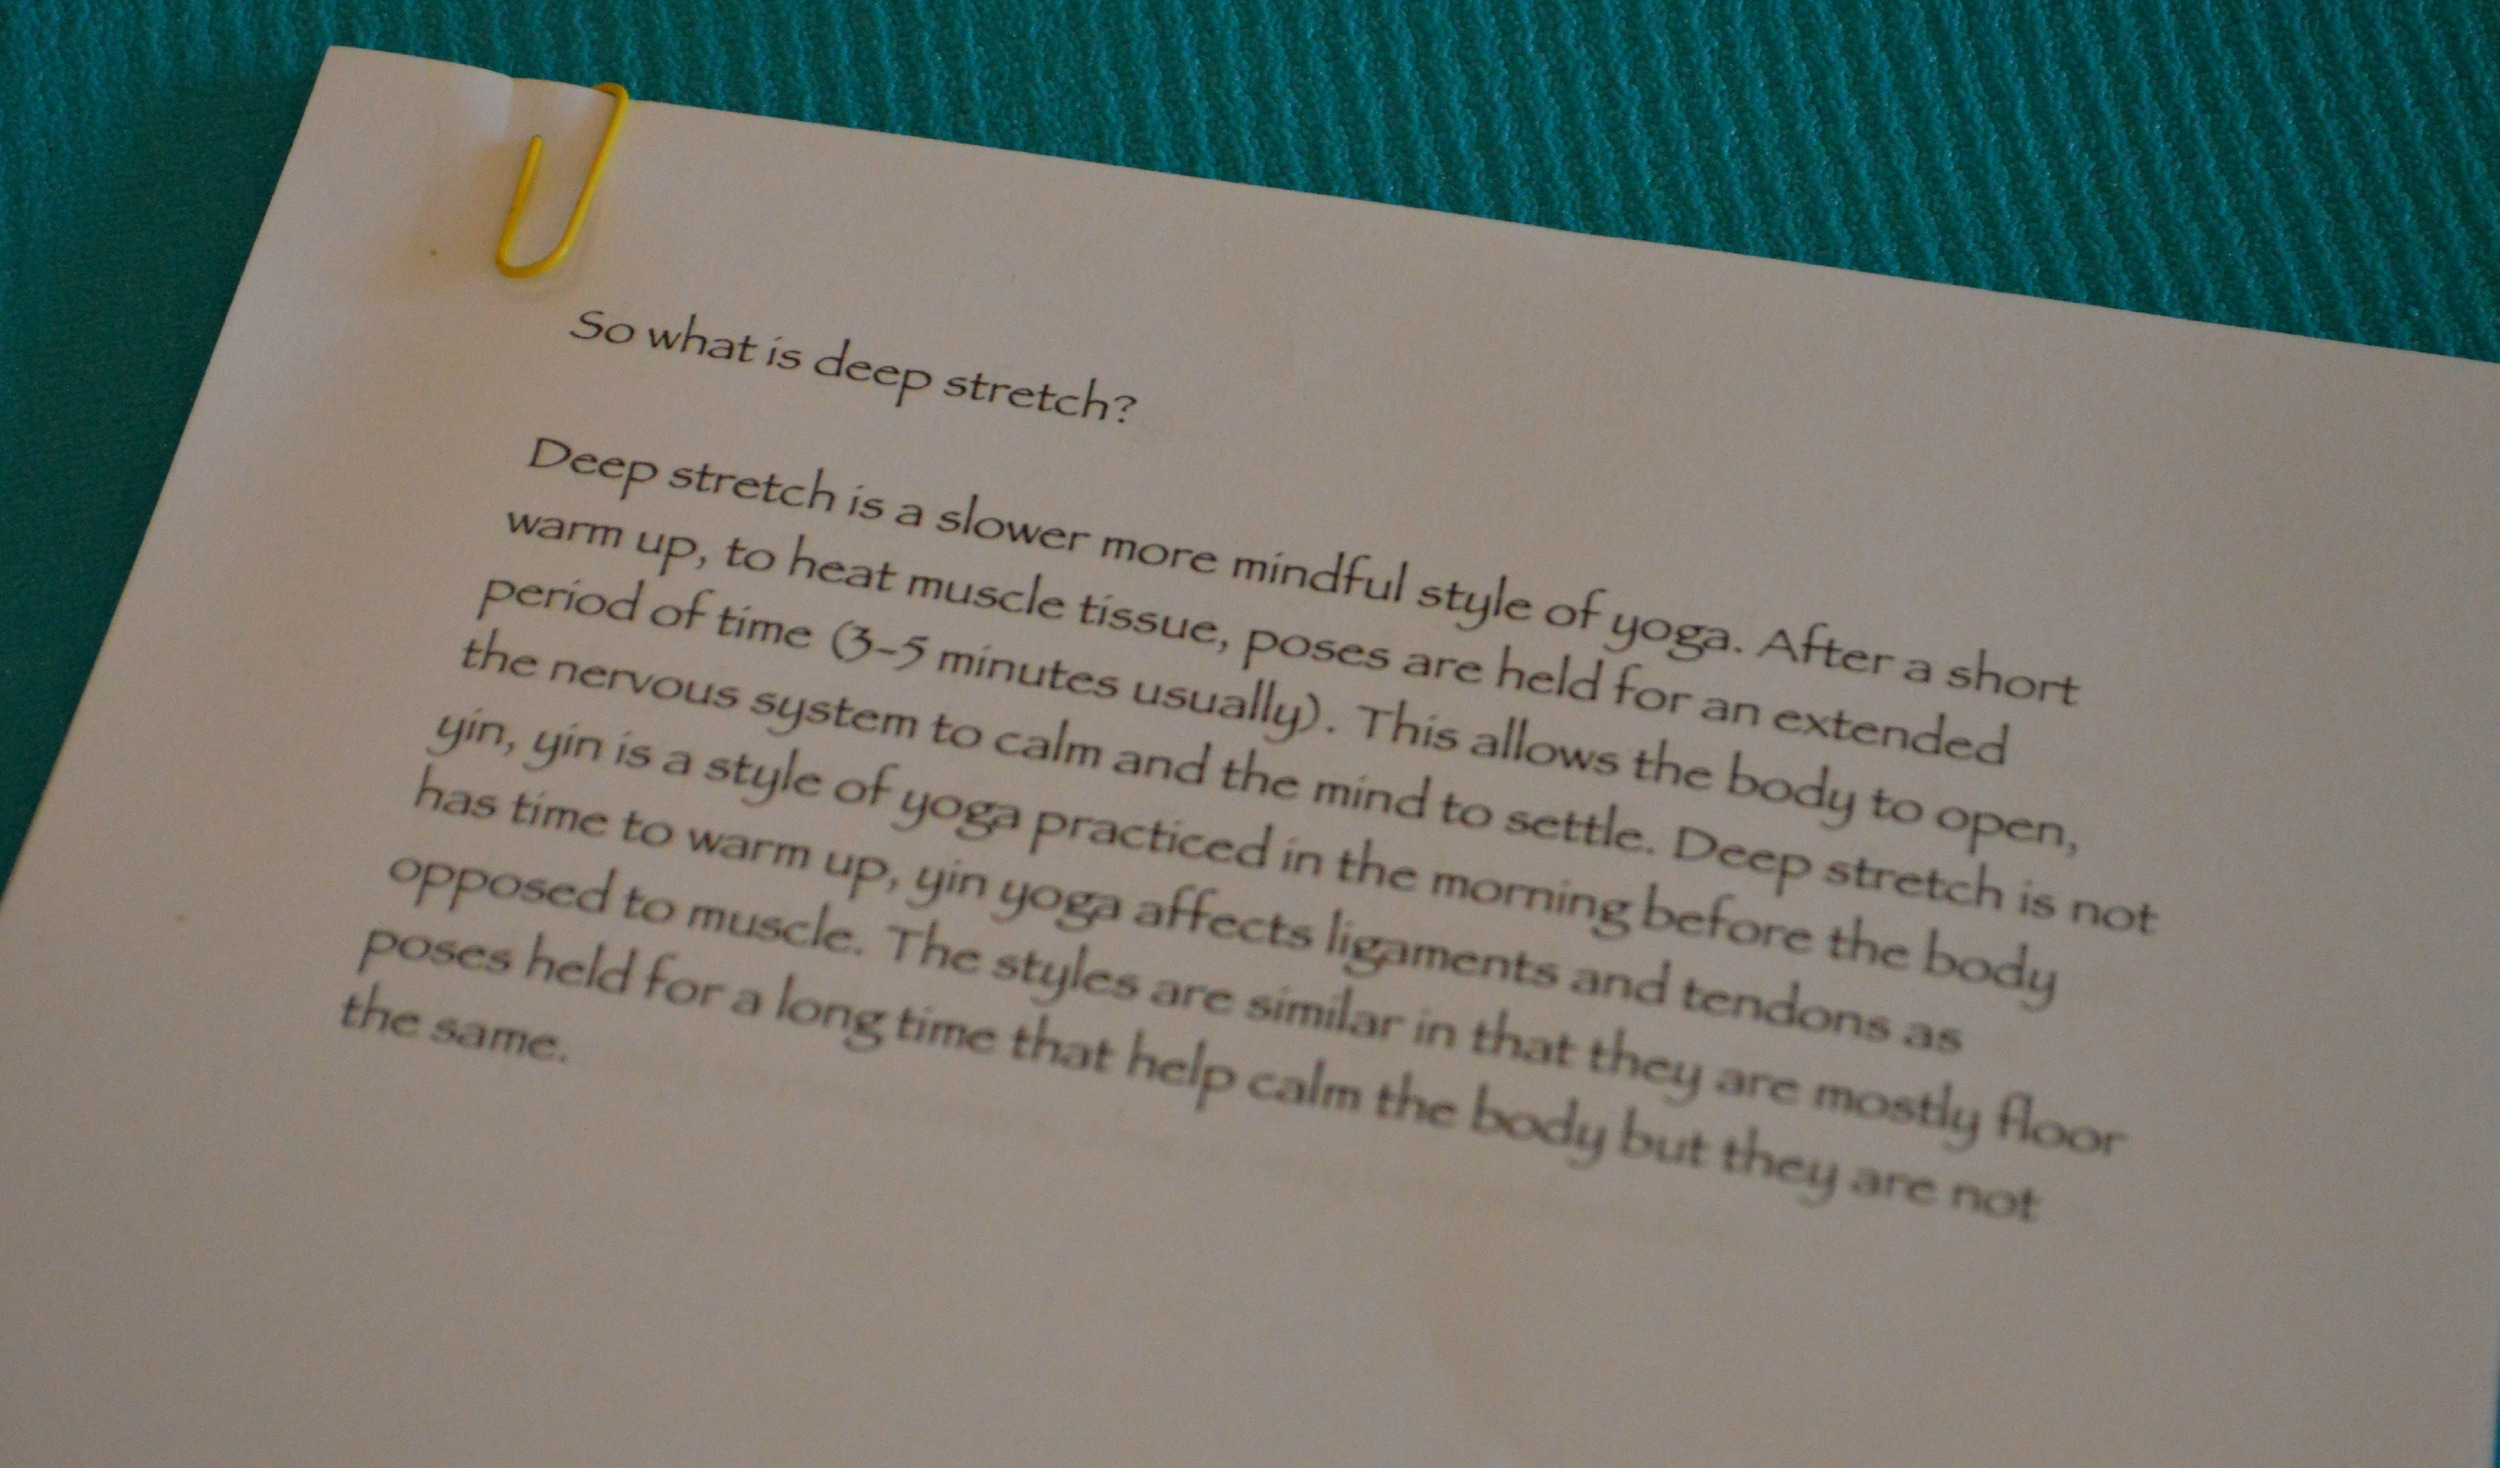 Deep Stretch Definition